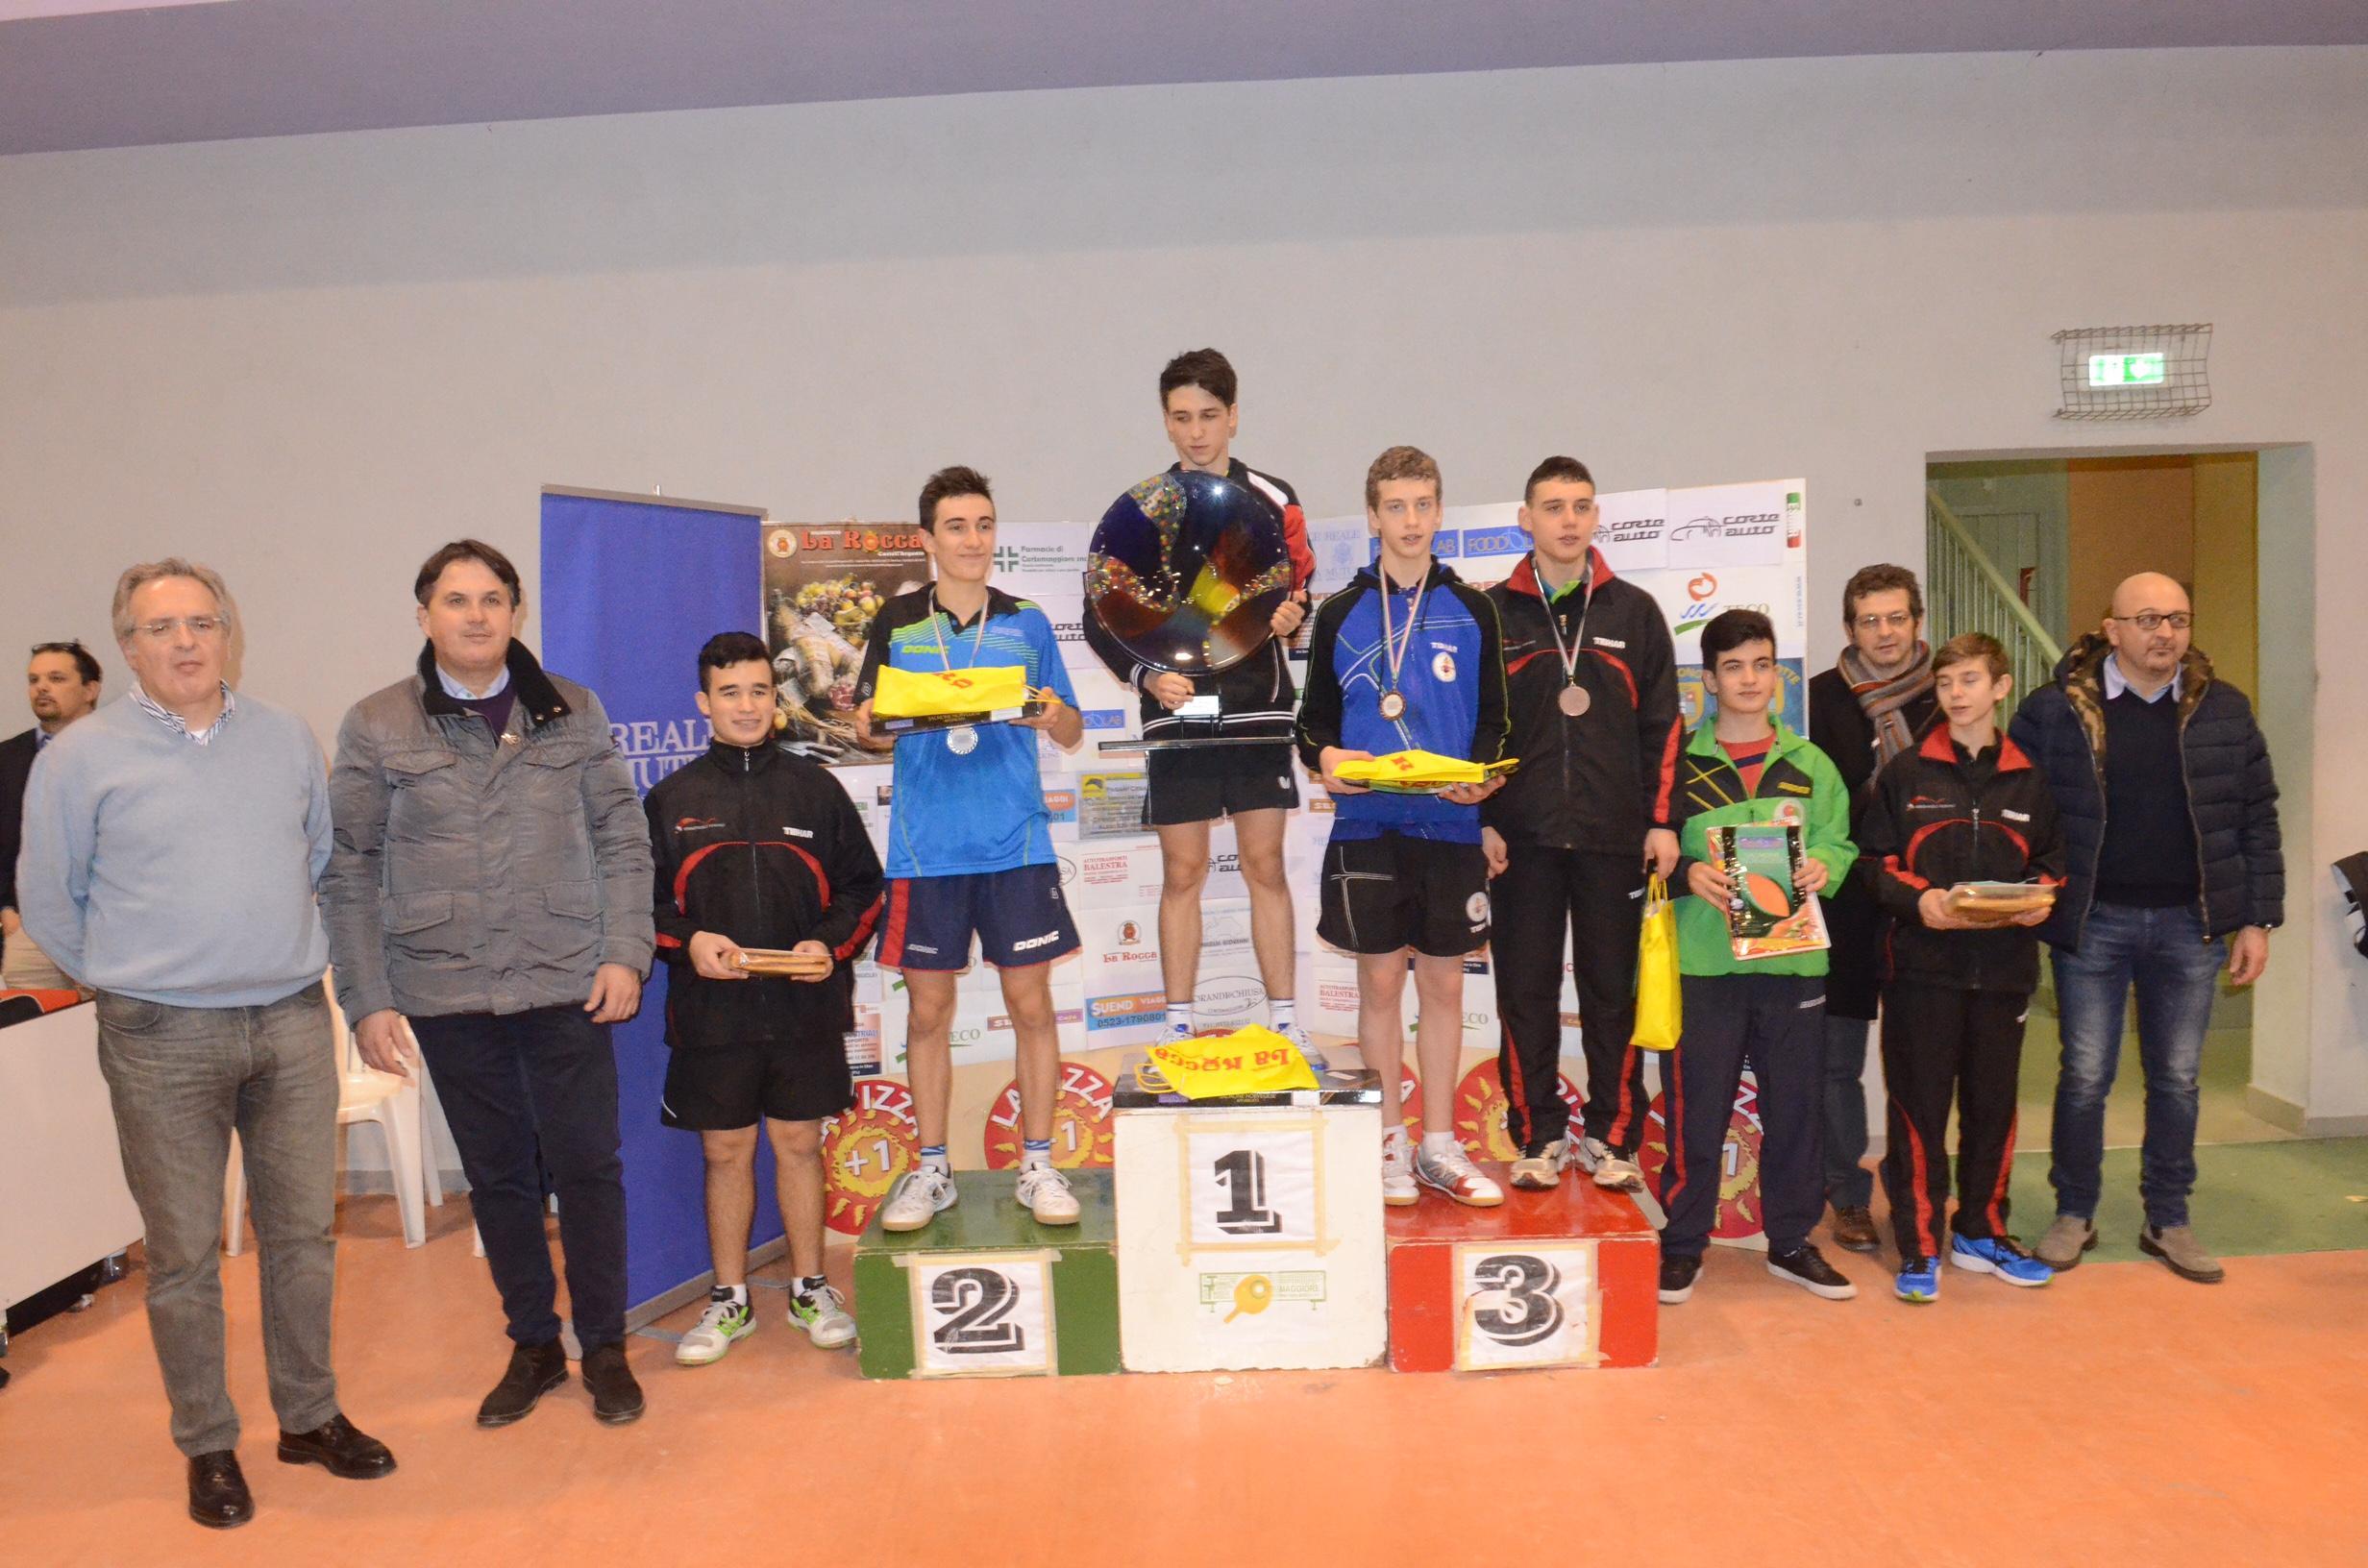 Successo per il Trofeo giovanile nazionale di tennistavolo. I risultati